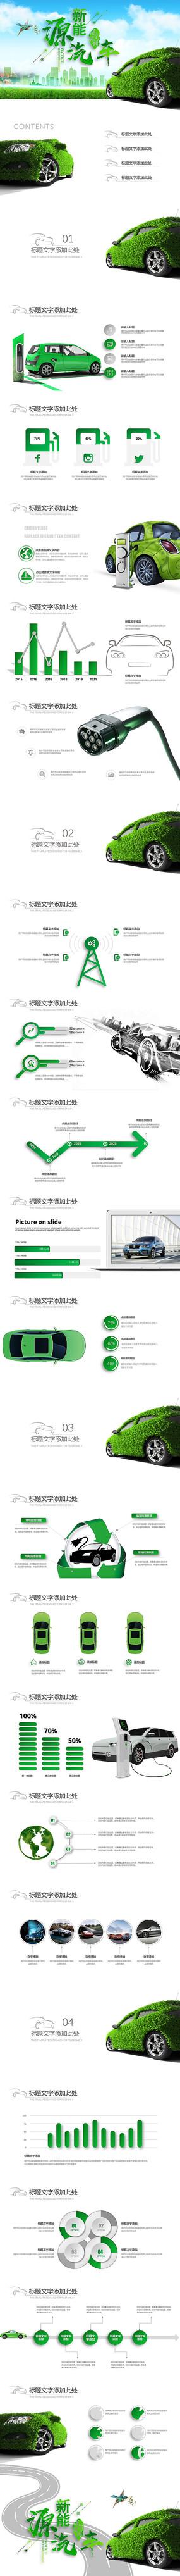 绿叶环保新能源汽车节能减排绿色出行PPT